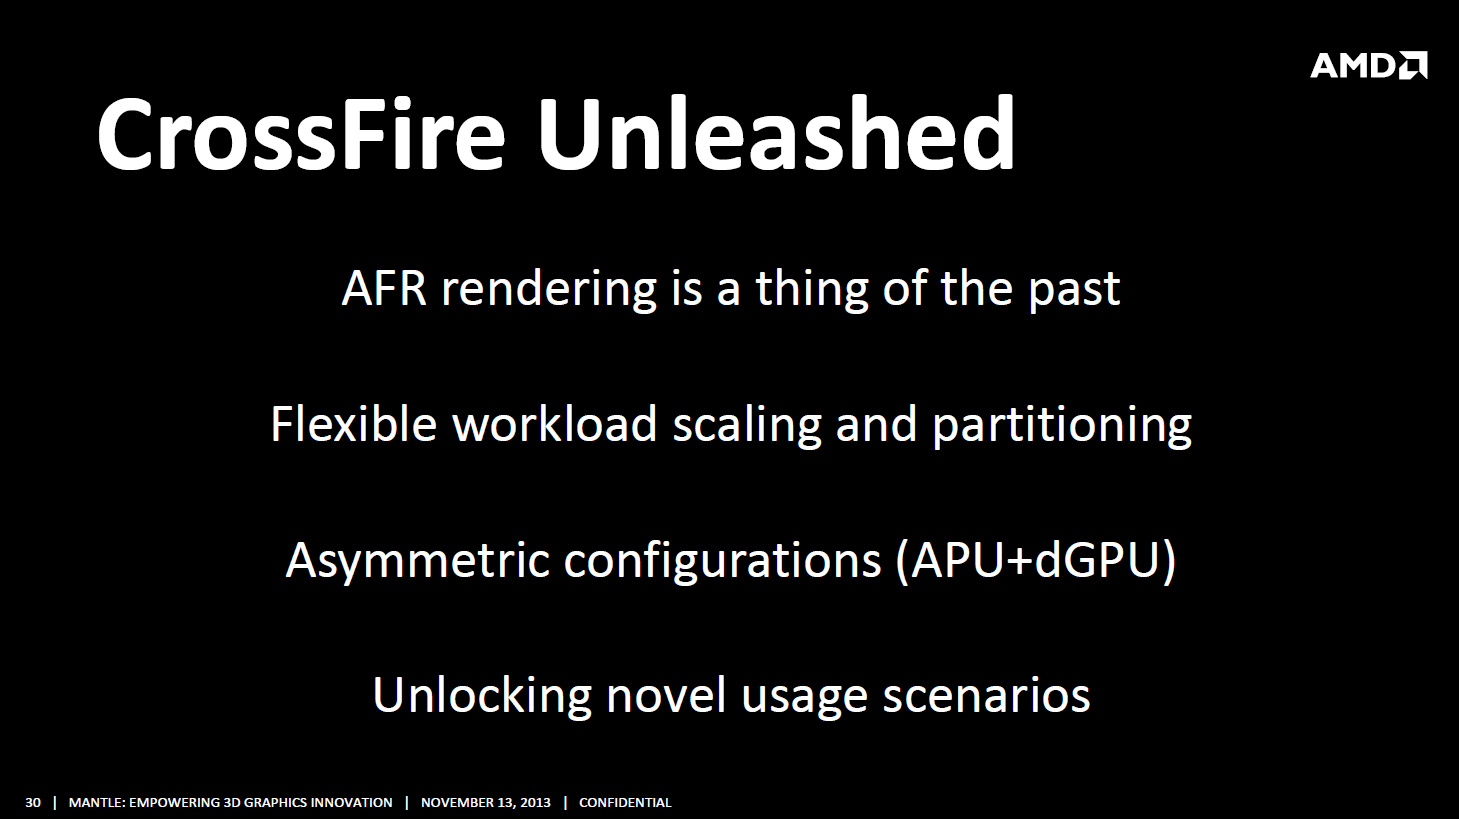 Developer Summit 2013: Mantle beschleunigt Crossfire und verringert Mikroruckler - Crossfire mit AFR sei durch Mantle Geschichte, die Skalierung soll flexibler ausfallen. (Bild: AMD)